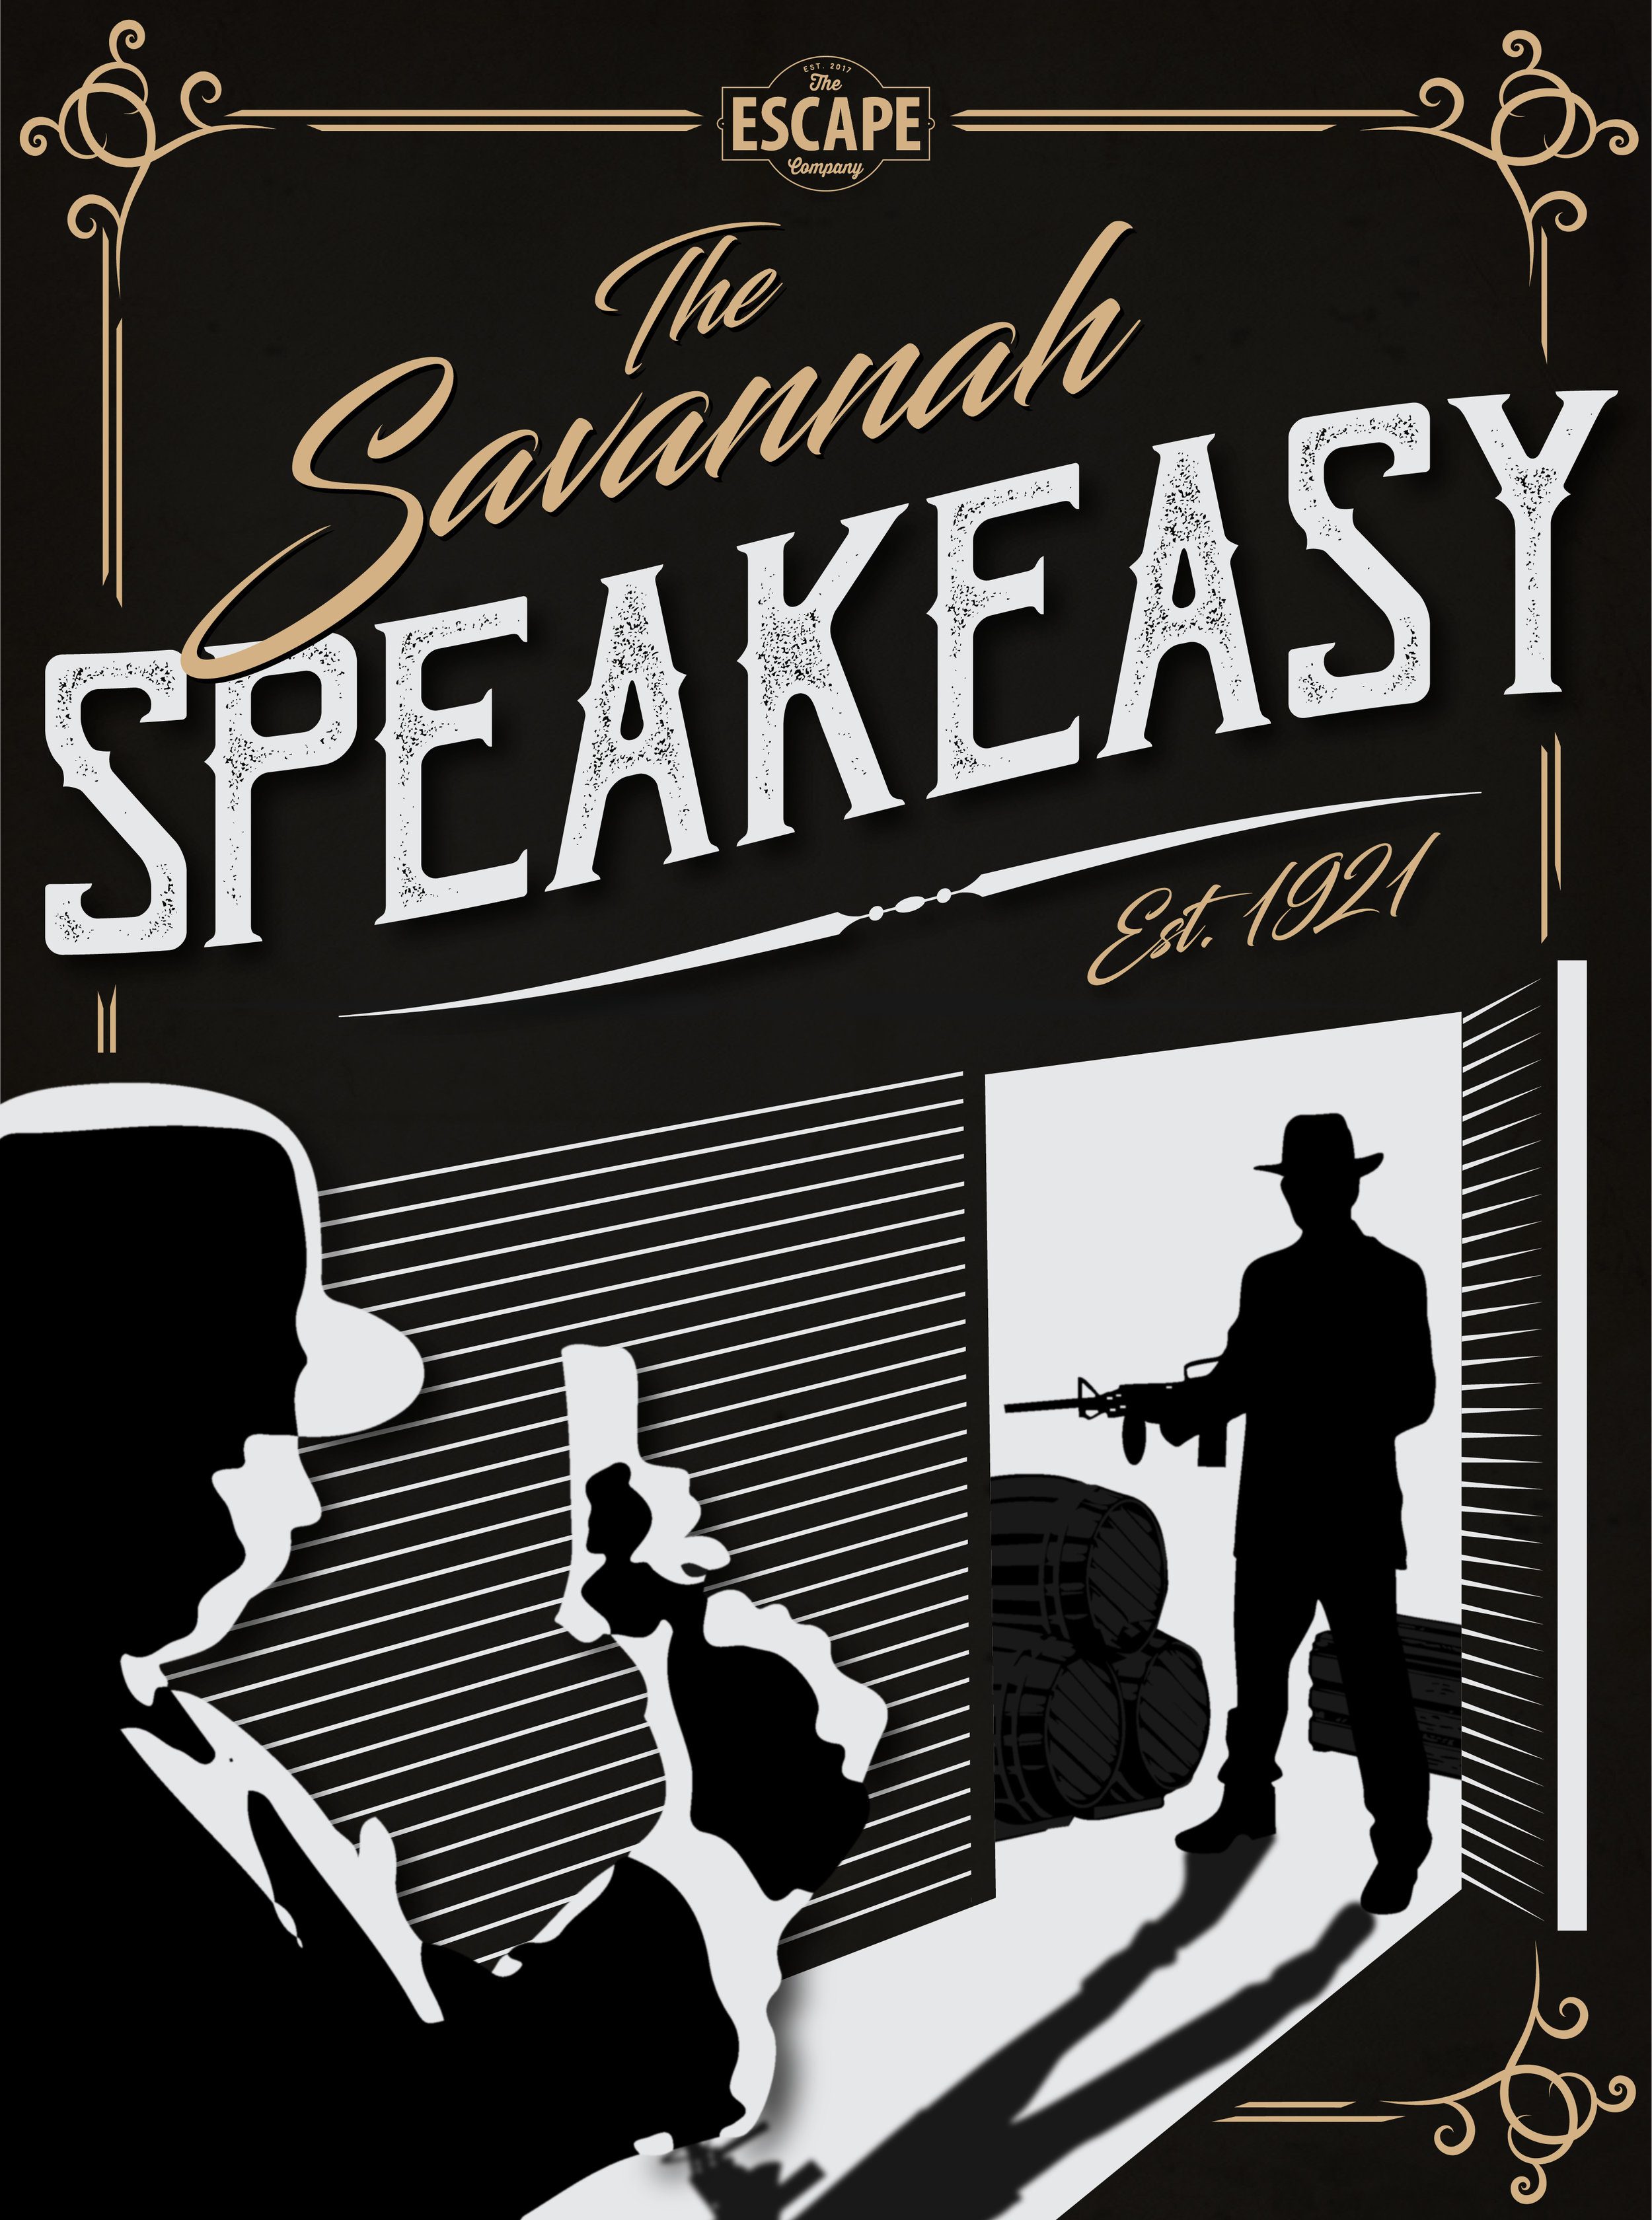 Savannah-Speakeasy.jpg